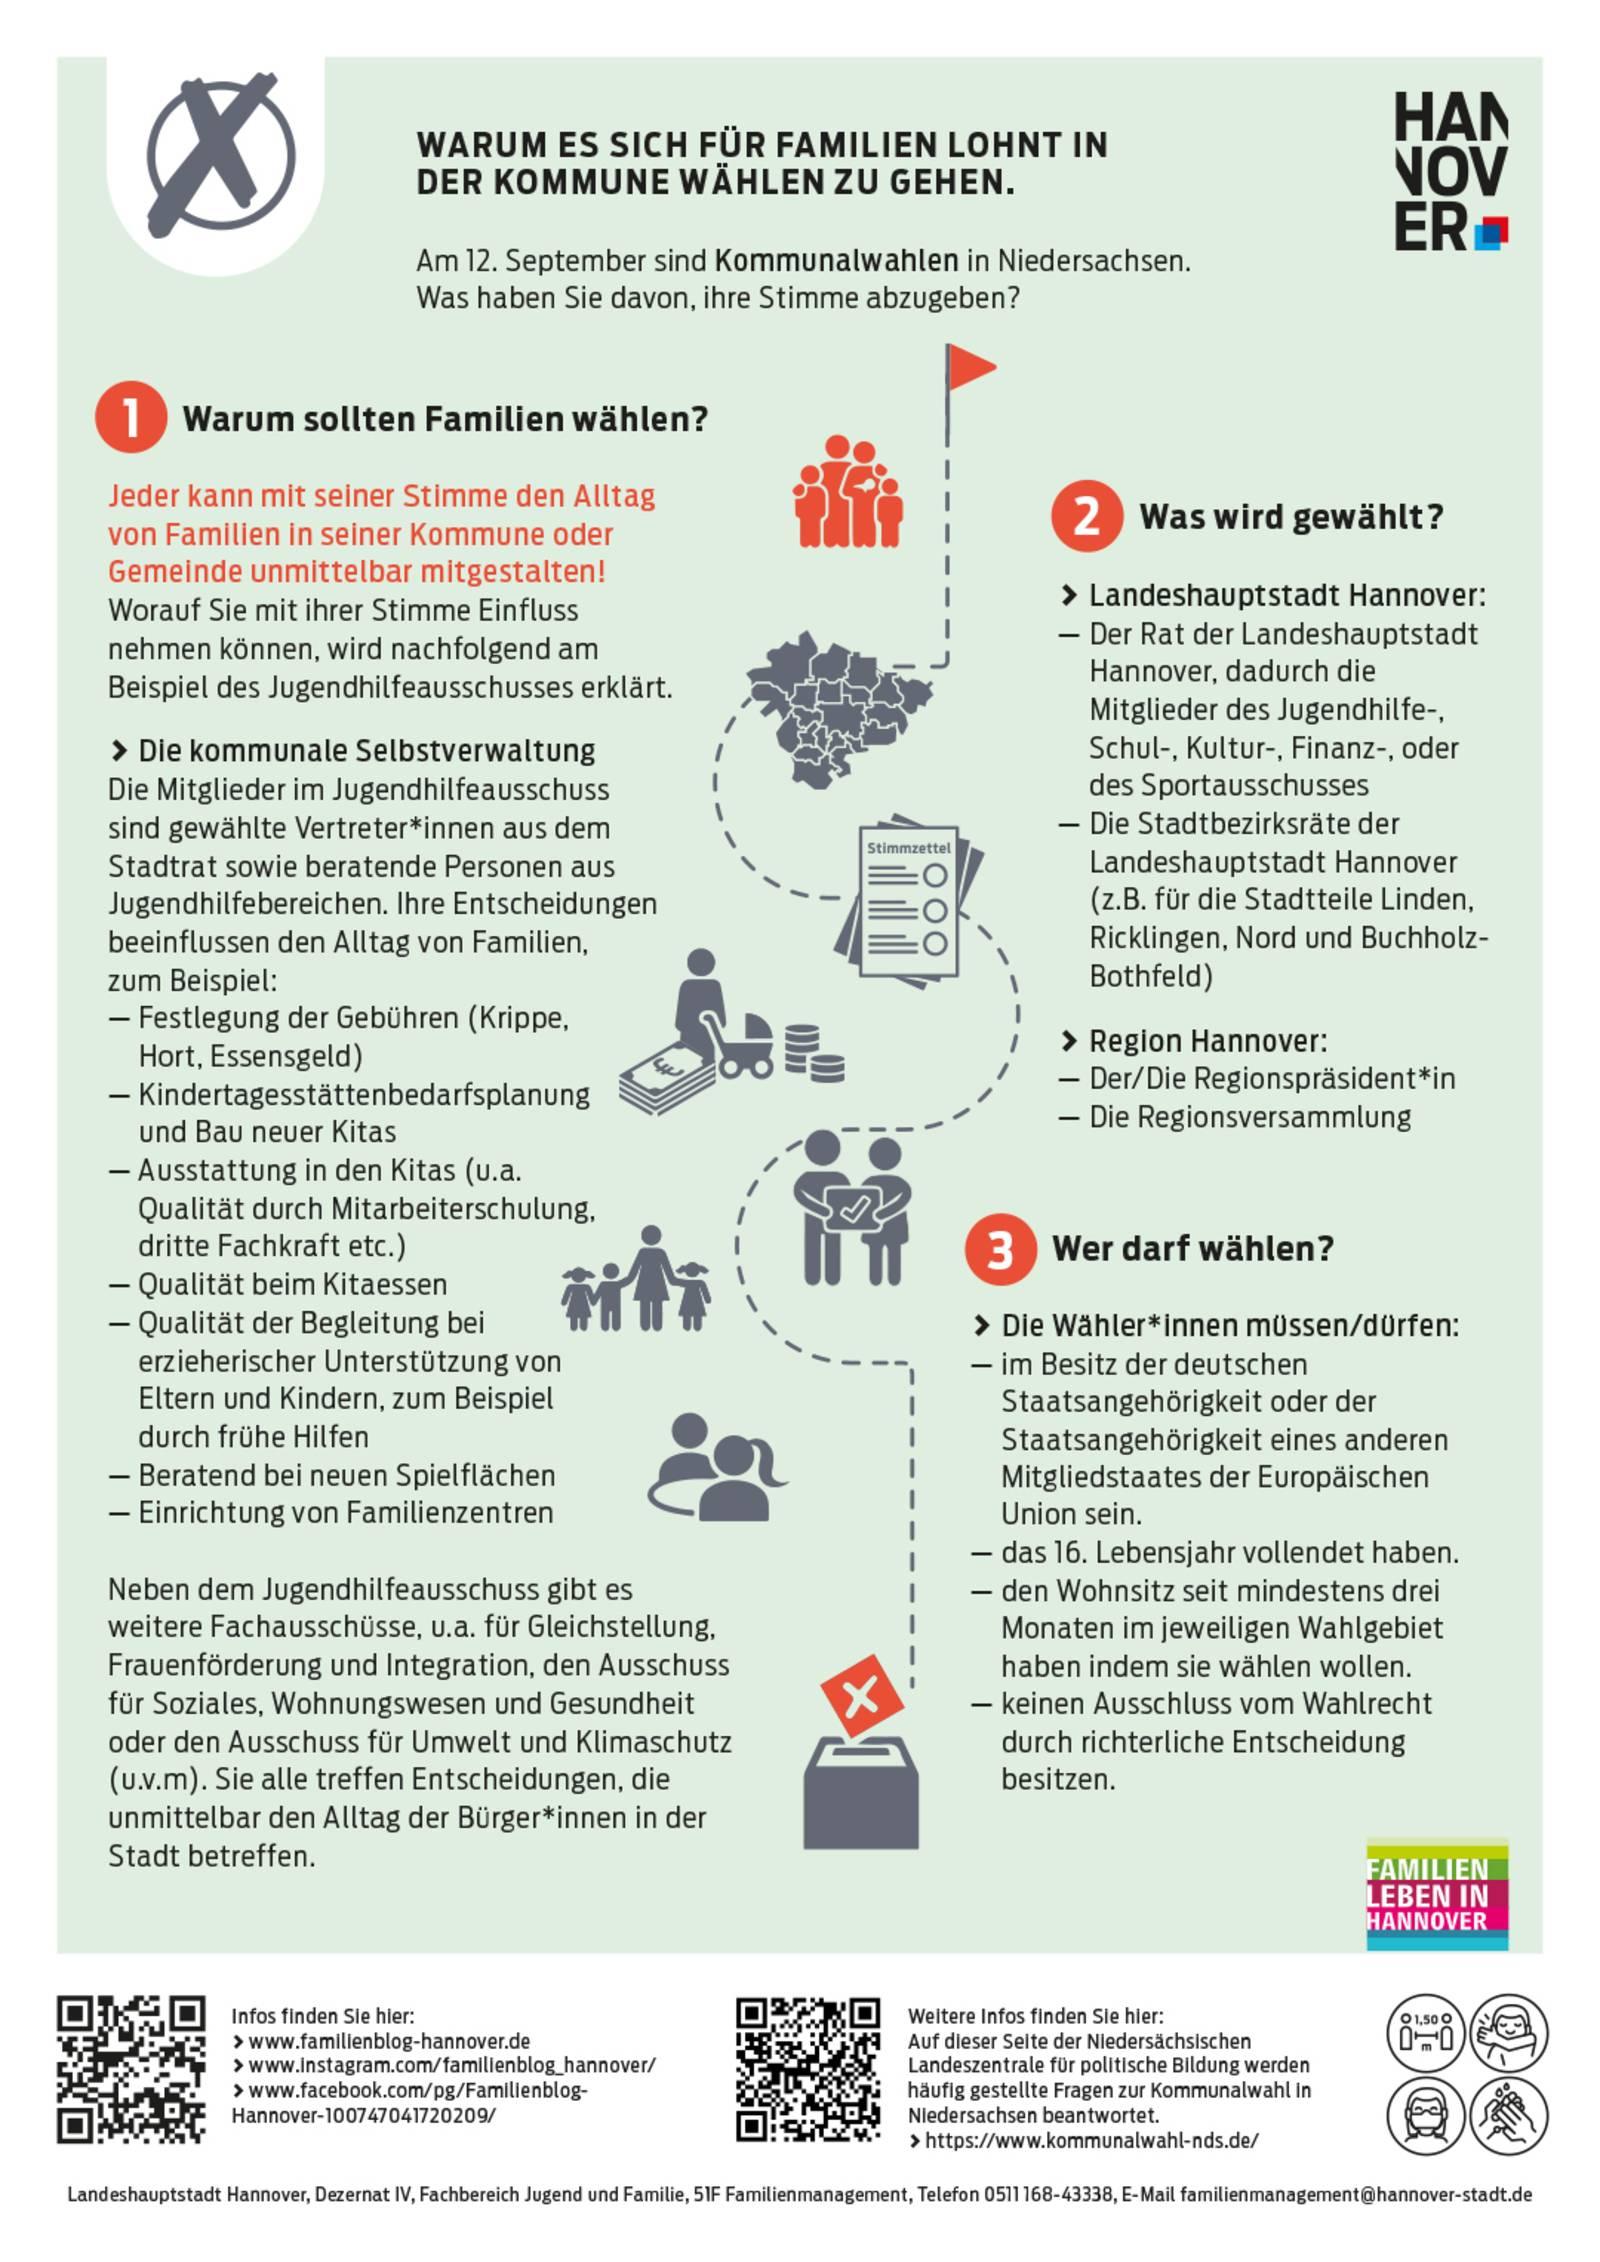 Grafik warum es sich für Familien lohnt wählen zu gehen? Kommunalwahl am 12 September 2021 1. Warum sollenten Familien wählen, 2. Was wird gewählt, 3. Wer darf wählen?